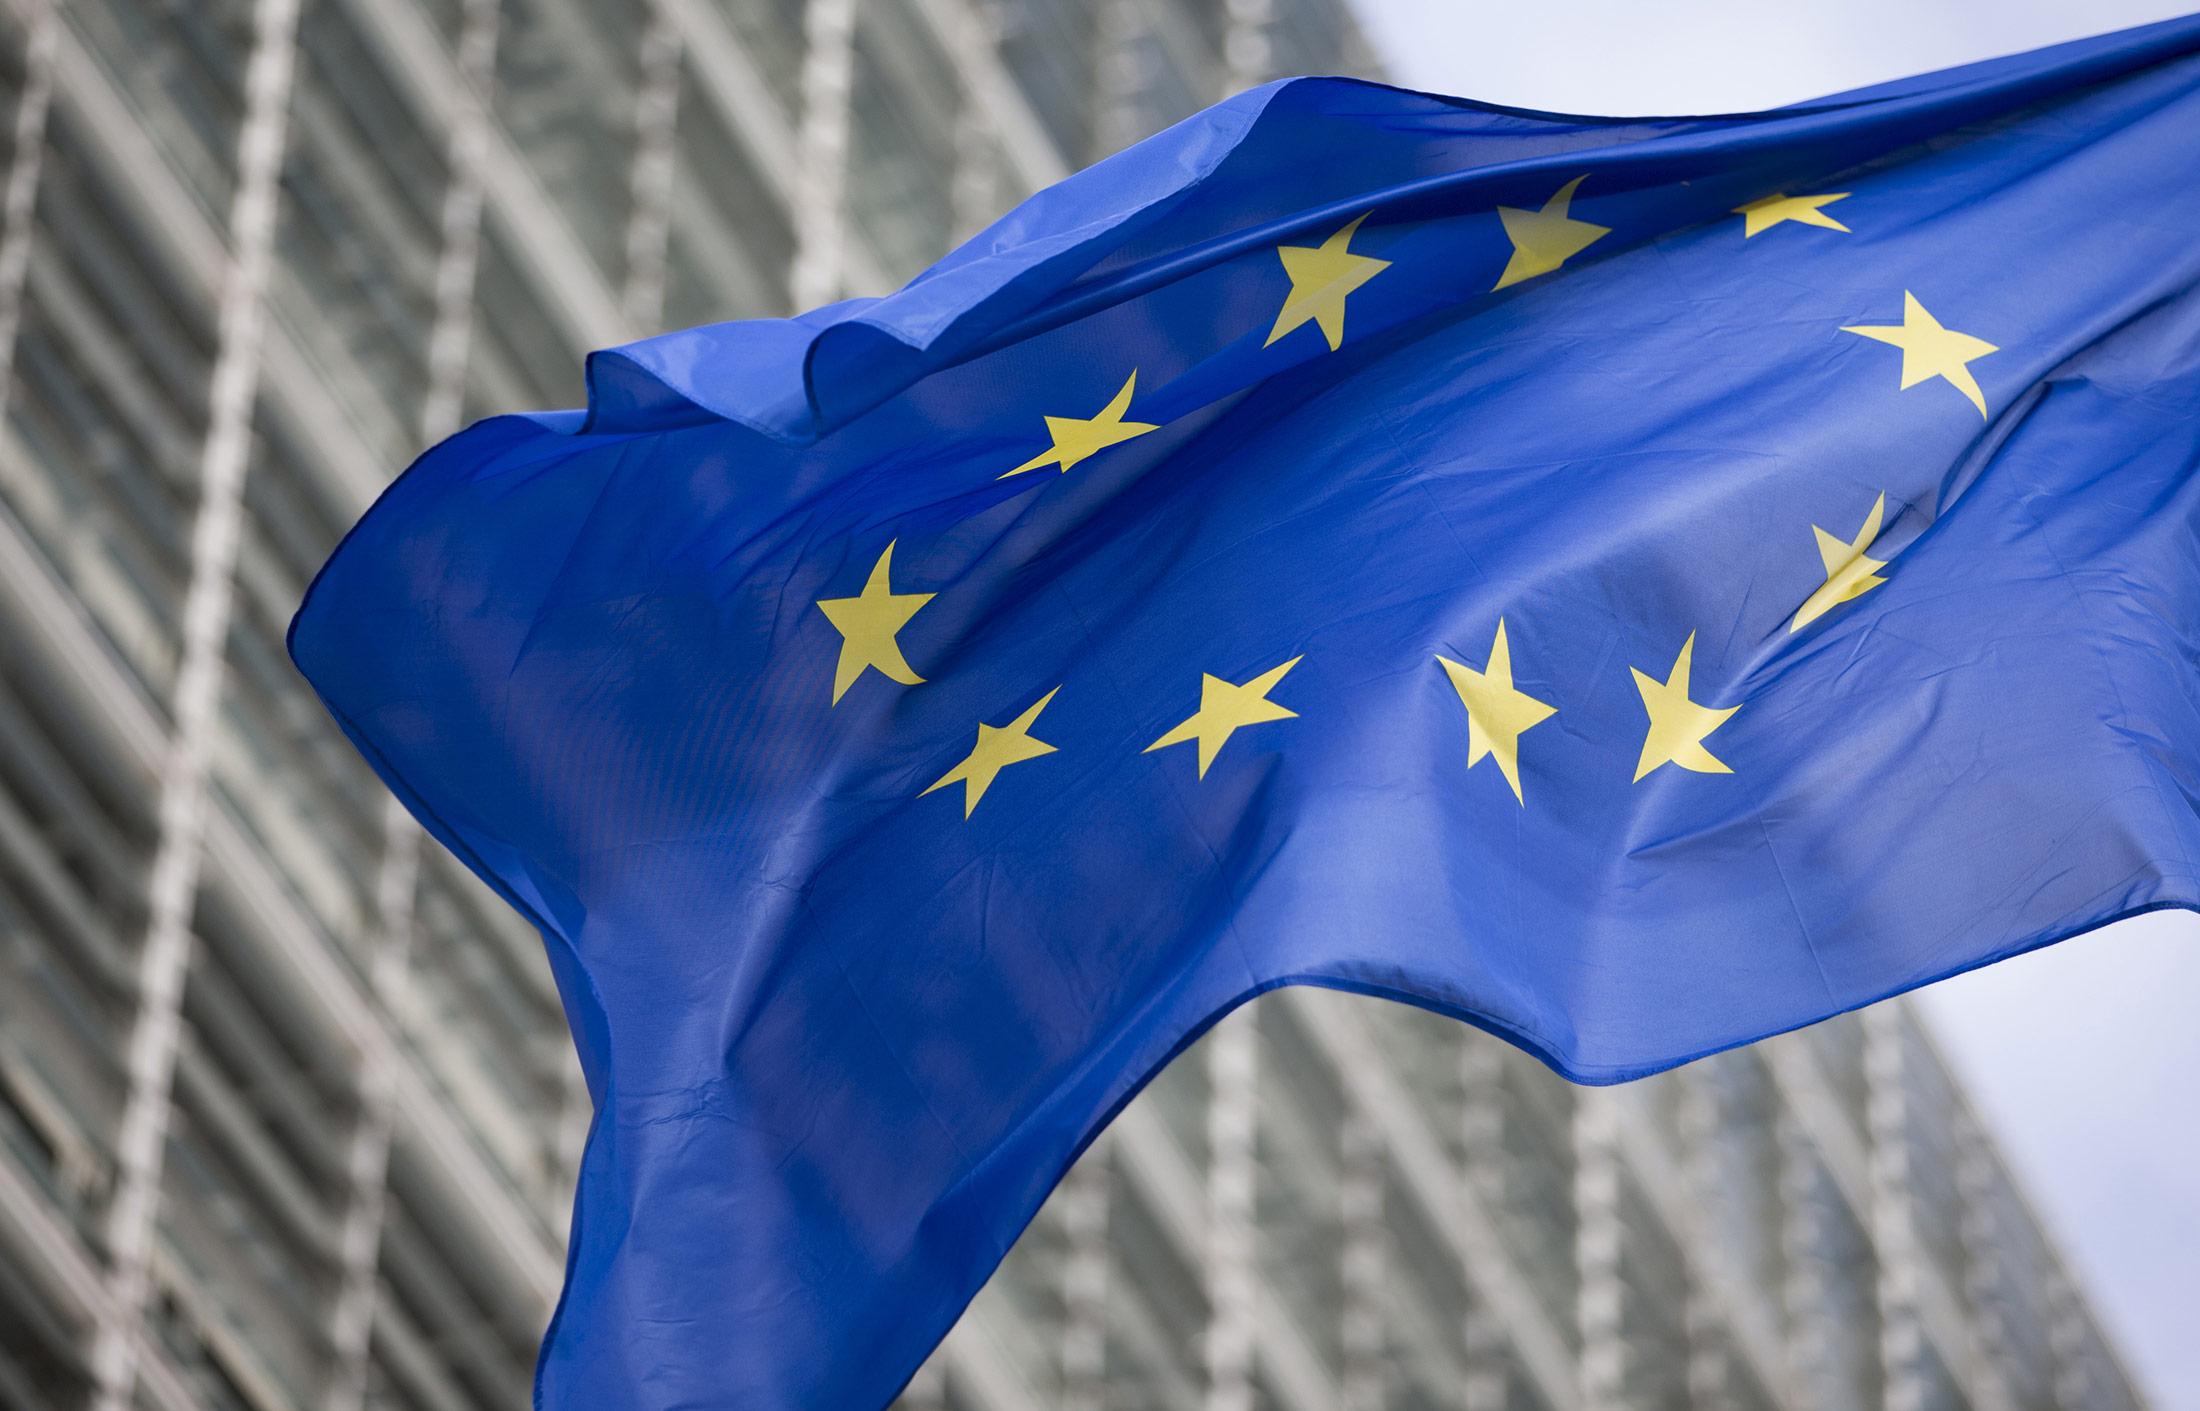 Comisión Europea trabaja para crear un marco regulatorio sobre las criptomonedas y finanzas digitales